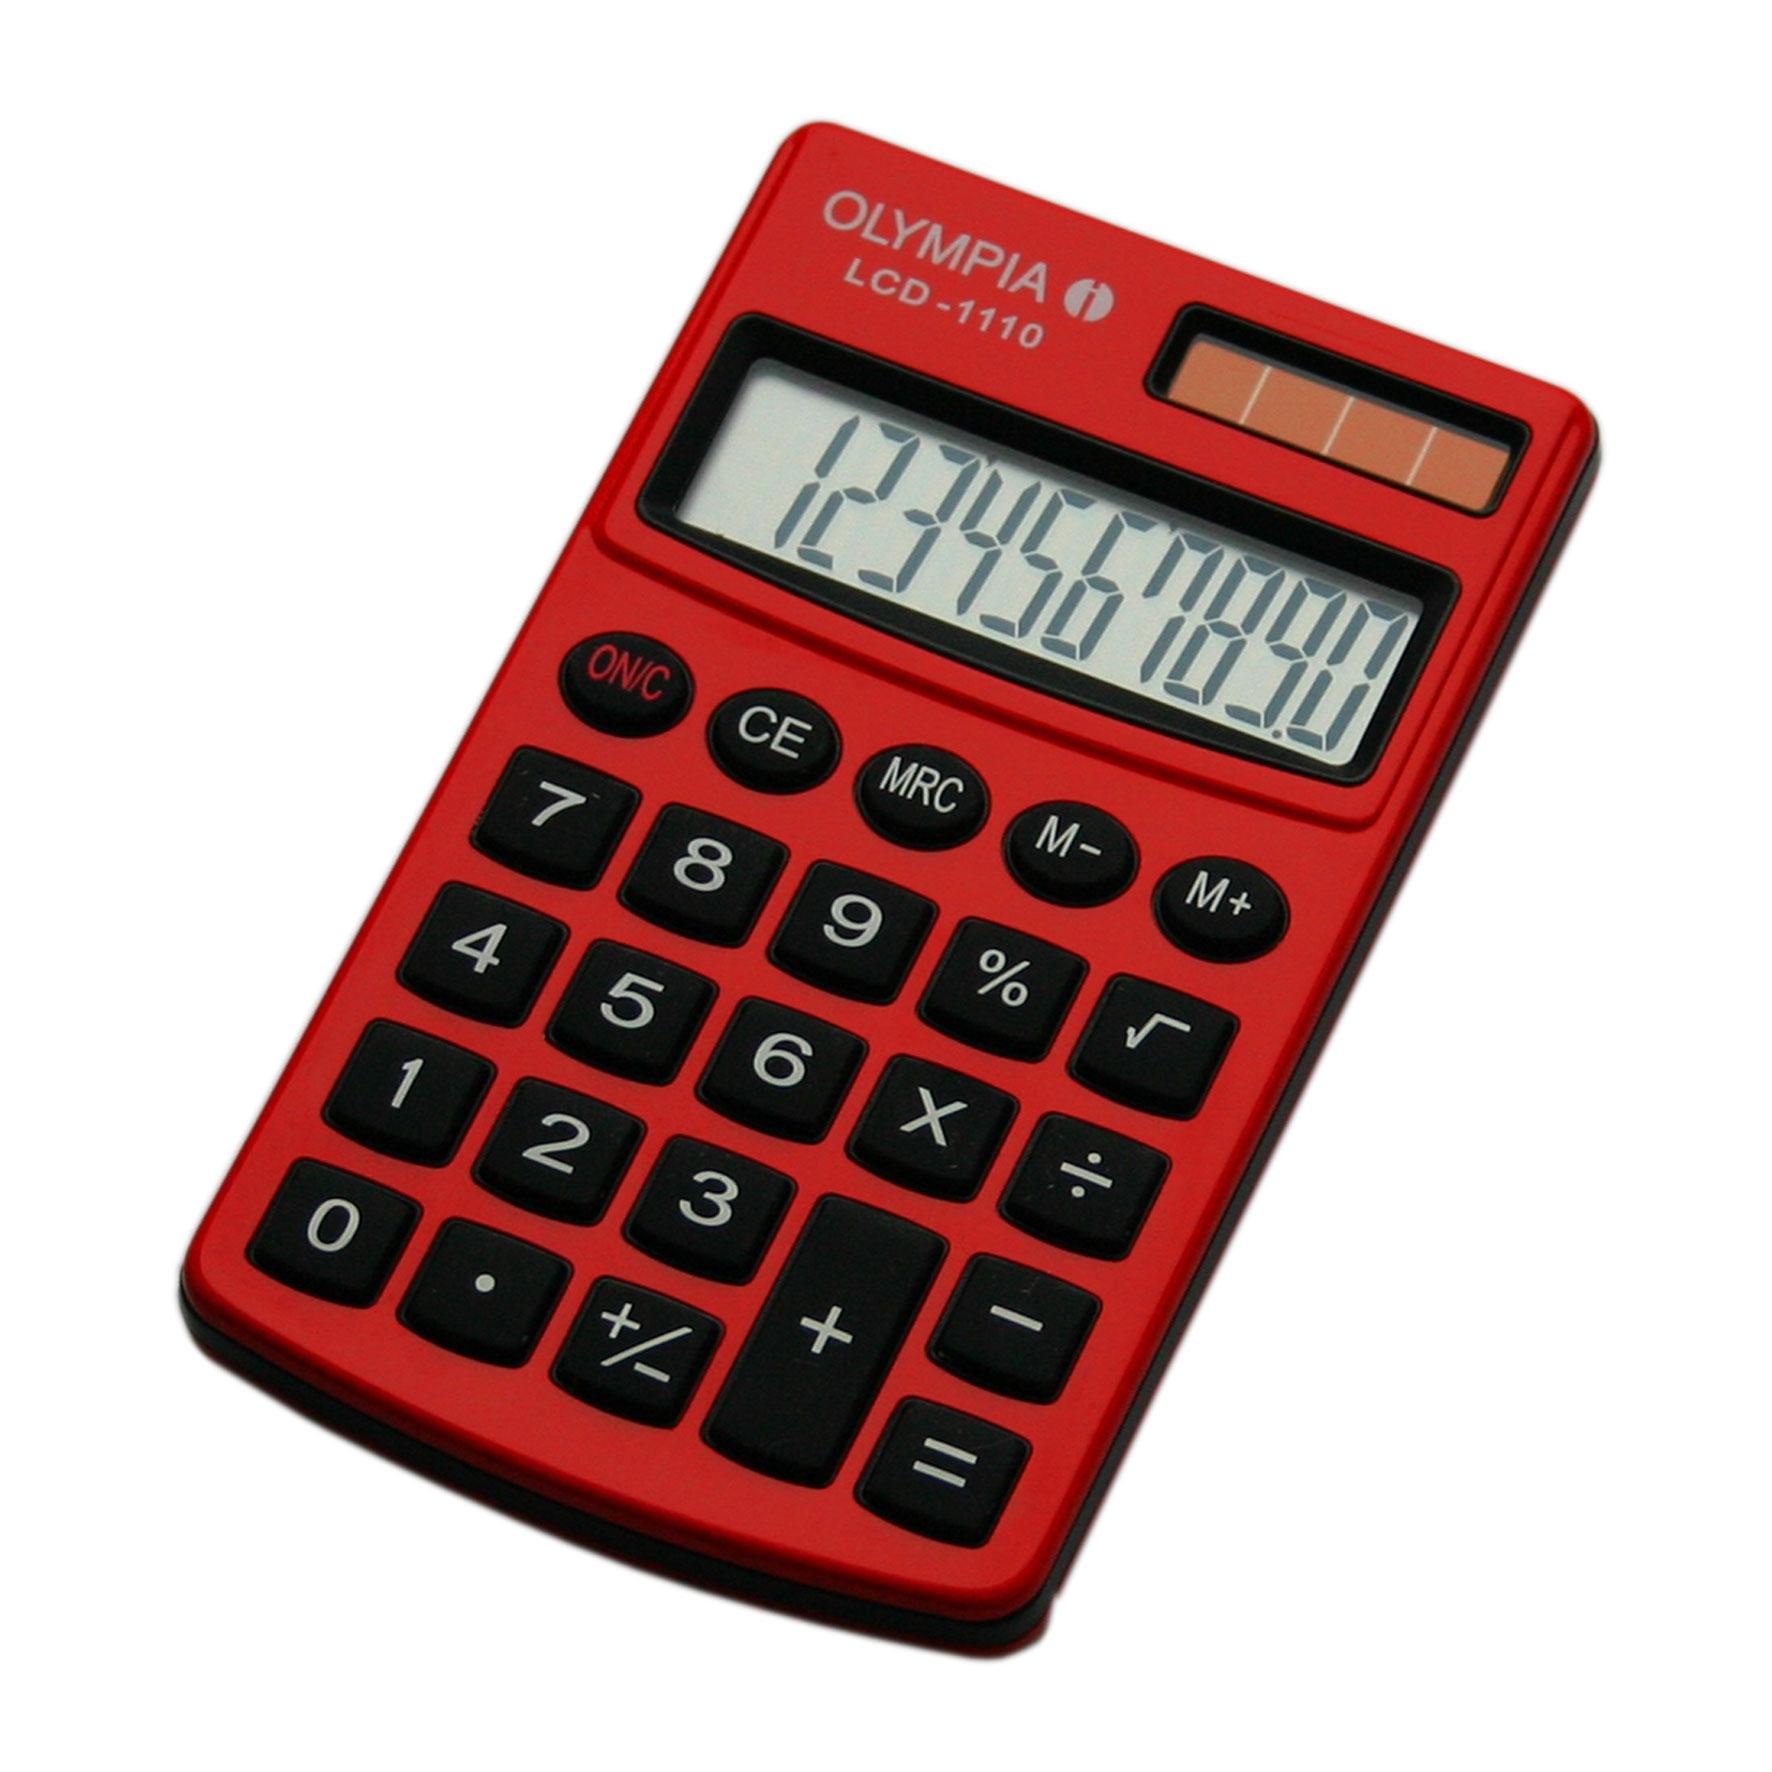 Vorschau: Olympia LCD 1110 - Tasche - Einfacher Taschenrechner - 10 Ziffern - 1 Zeilen - Rot